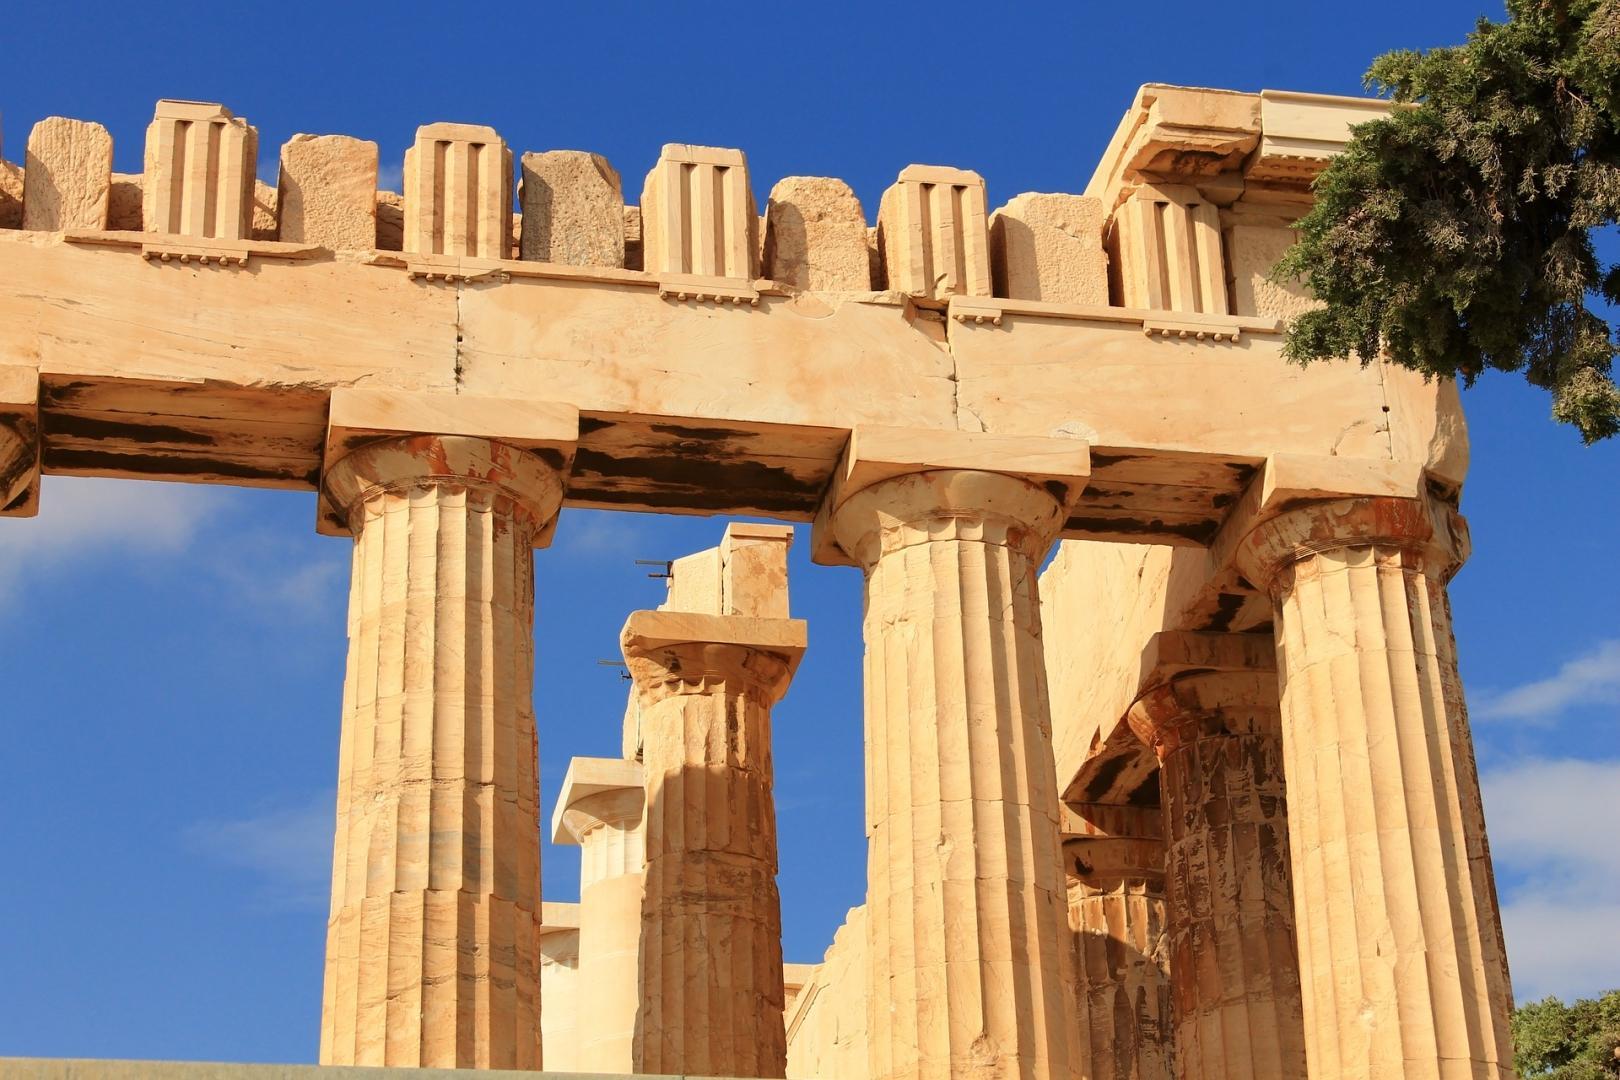 Парфенон представляет собой периптер - прямоугольное сооружение, обрамленное со всех сторон колоннами